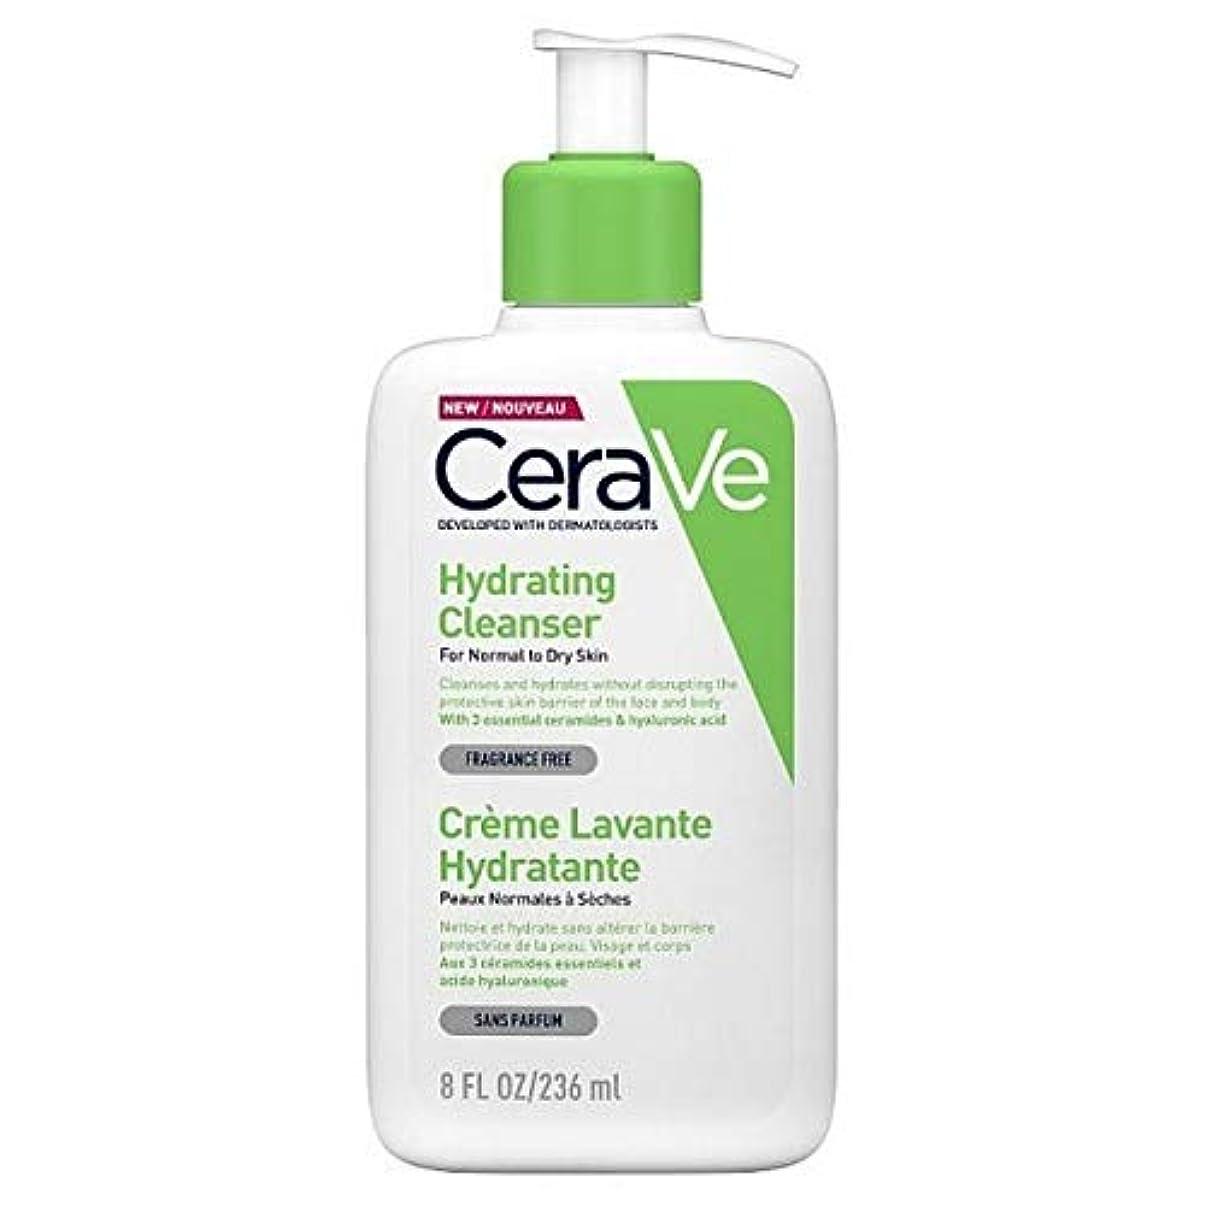 ボウルアーティストいつも[CeraVe] Cerave水和クレンザー236ミリリットル - CeraVe Hydrating Cleanser 236ml [並行輸入品]